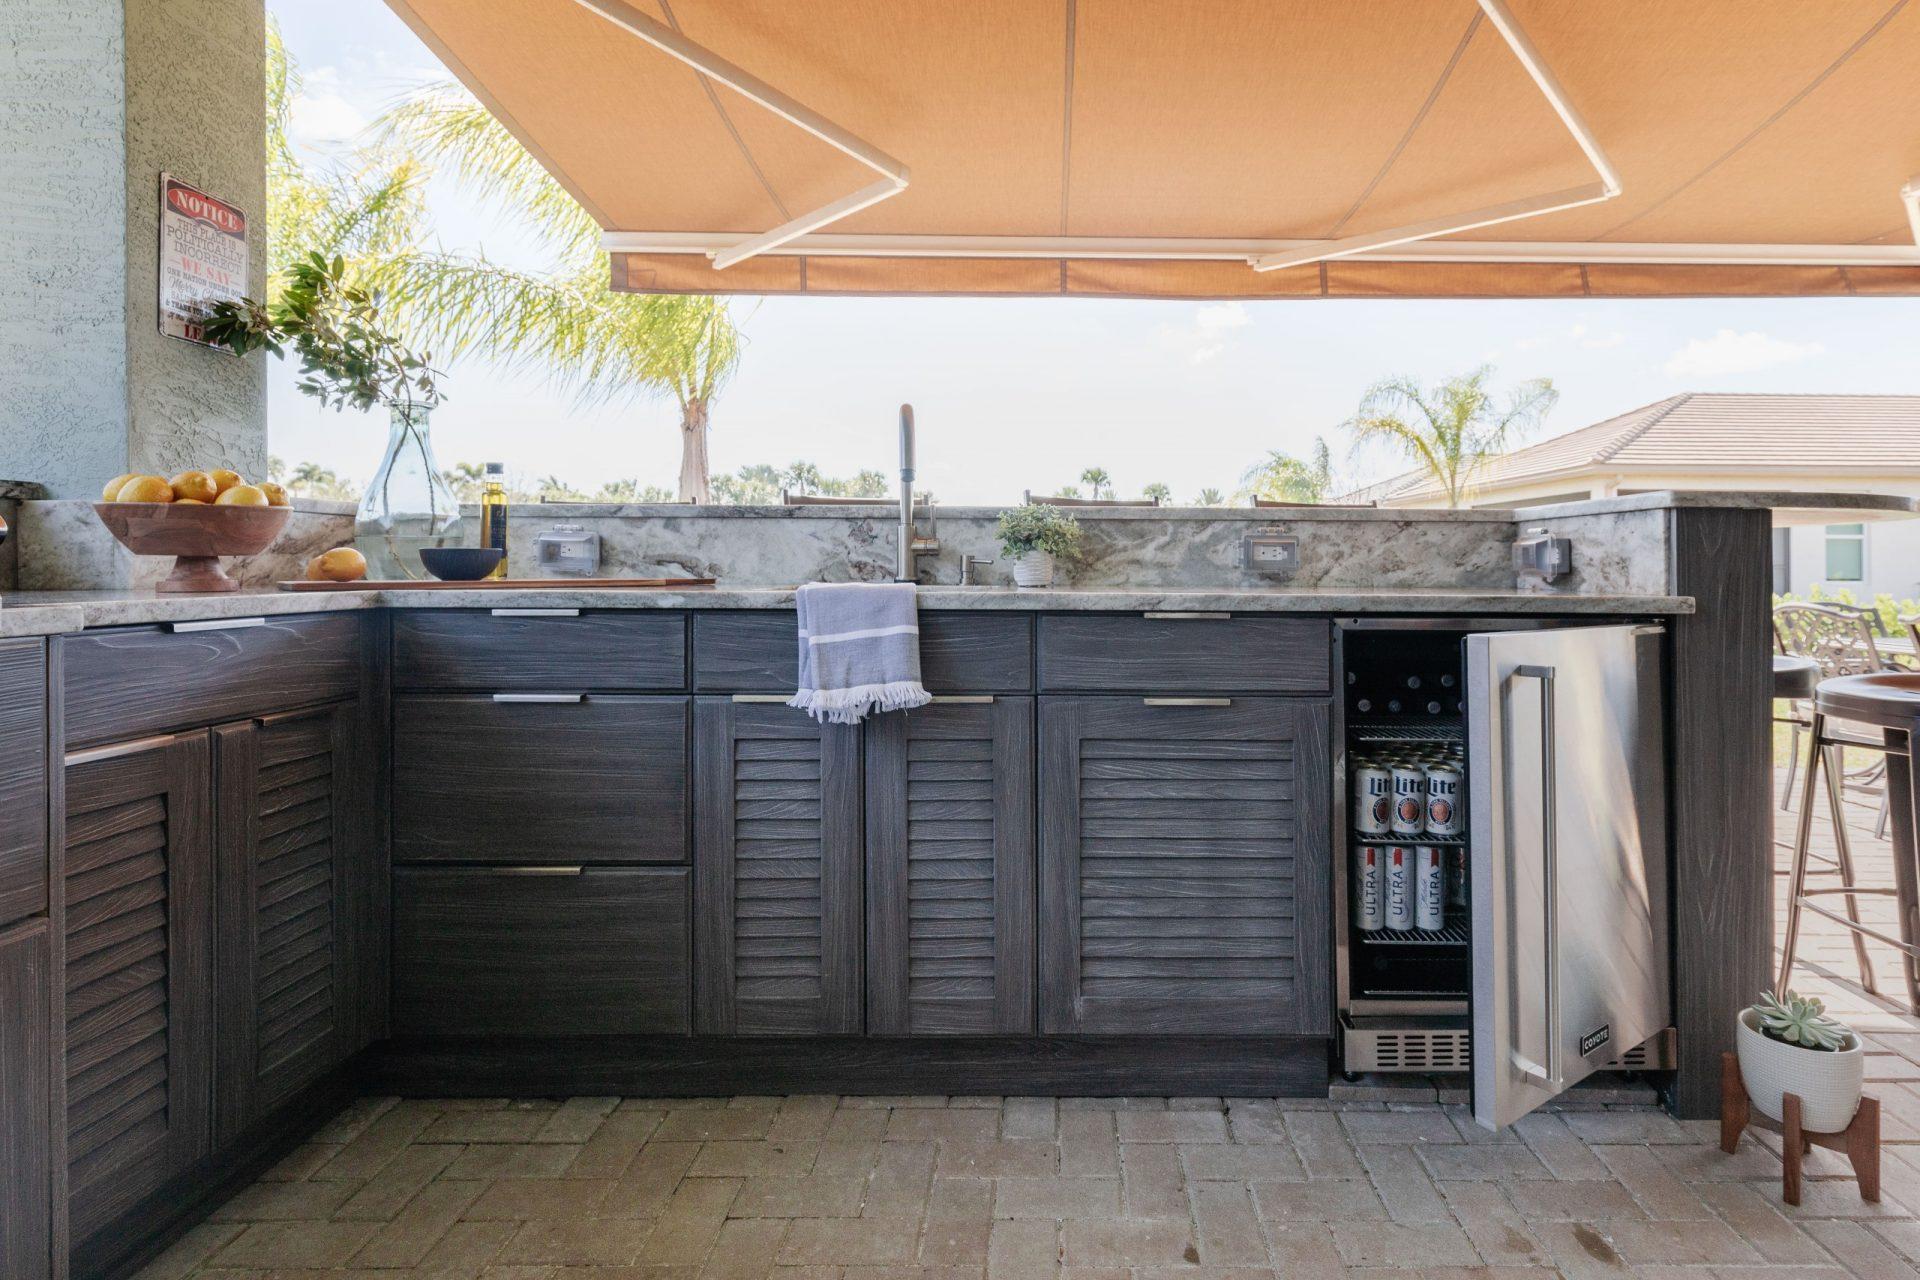 Sunray Street | Outdoor Kitchen Libations